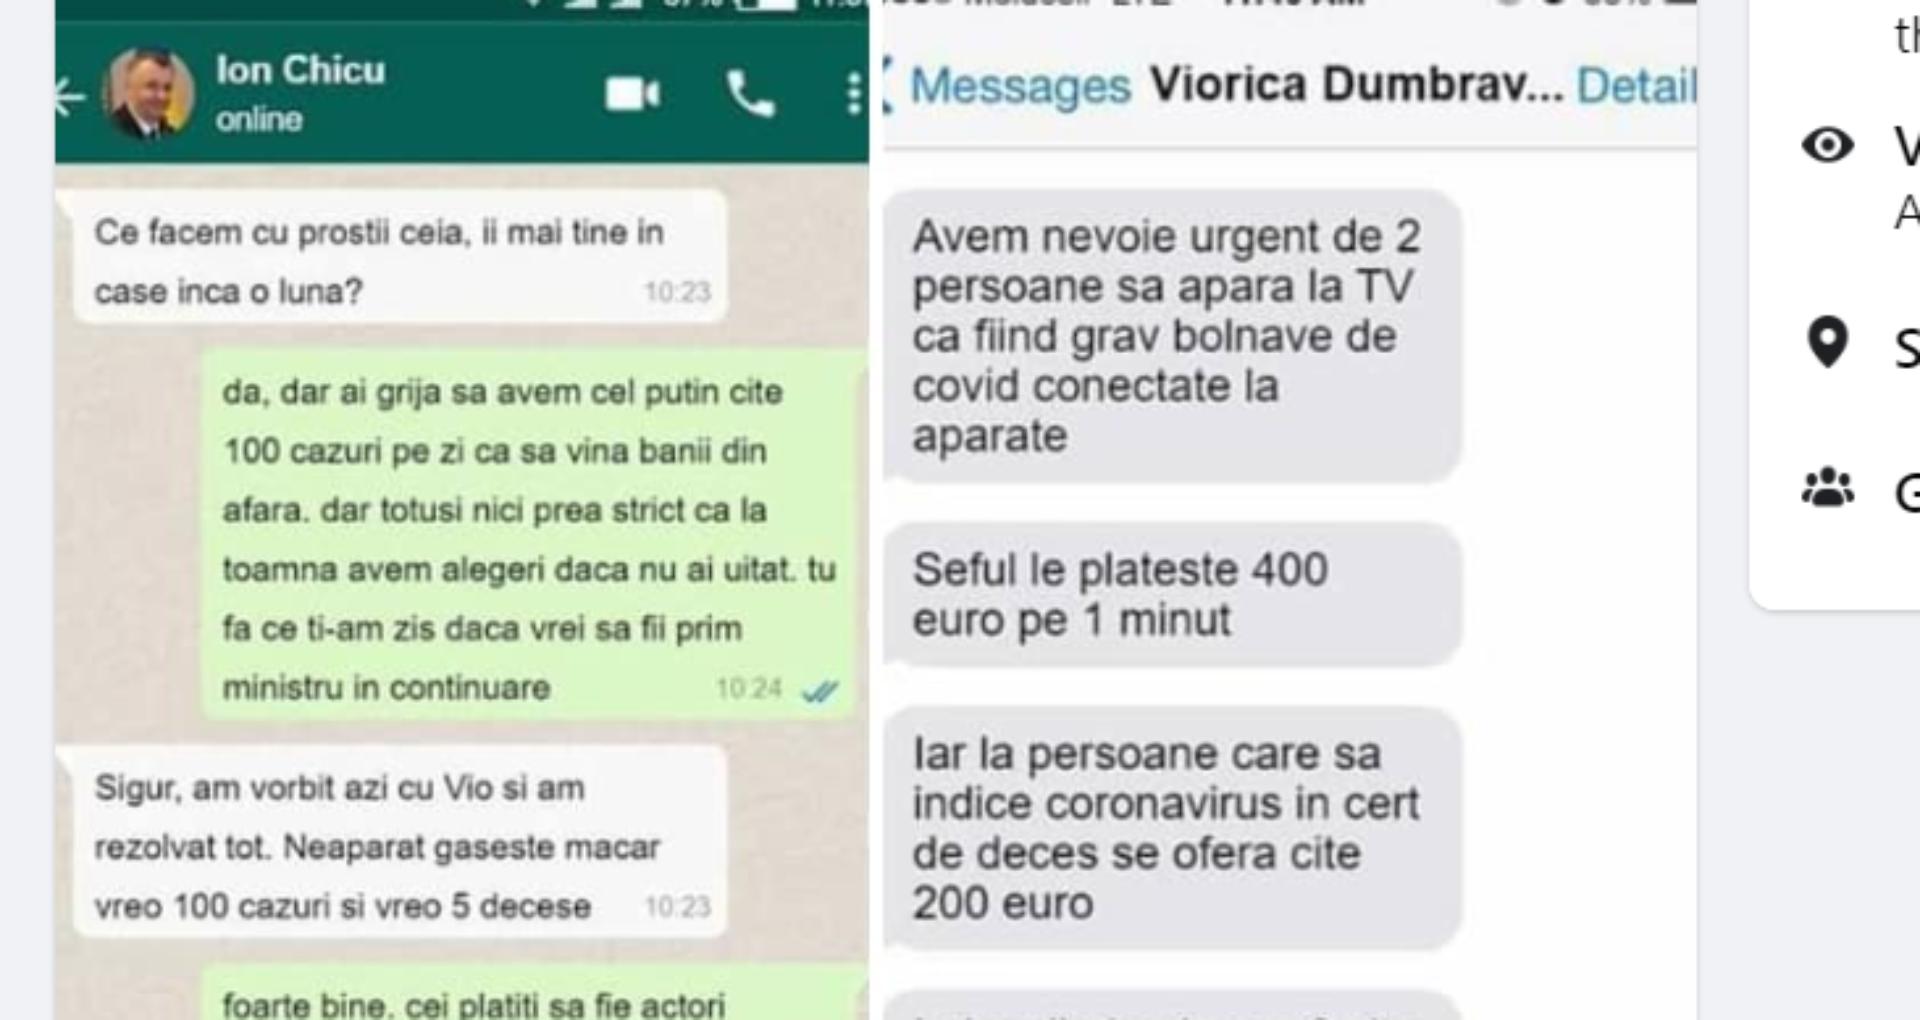 """Mesaje false cu numele premierului și al ministrei Sănătății, distribuite de zeci de mii de persoane pe rețelele de socializare. Dragancea: """"Noi cu cetățenii avem comunicare și fără voi, fiindcă nu tot timpul vă credem"""""""